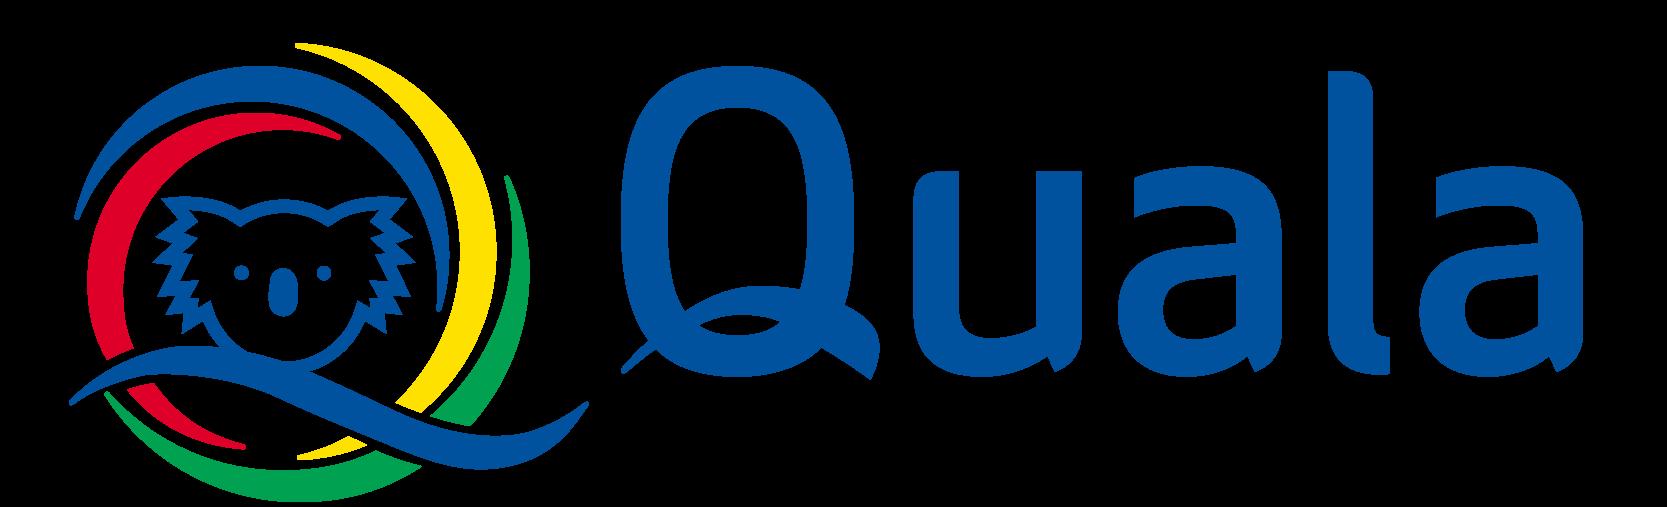 Quala-01